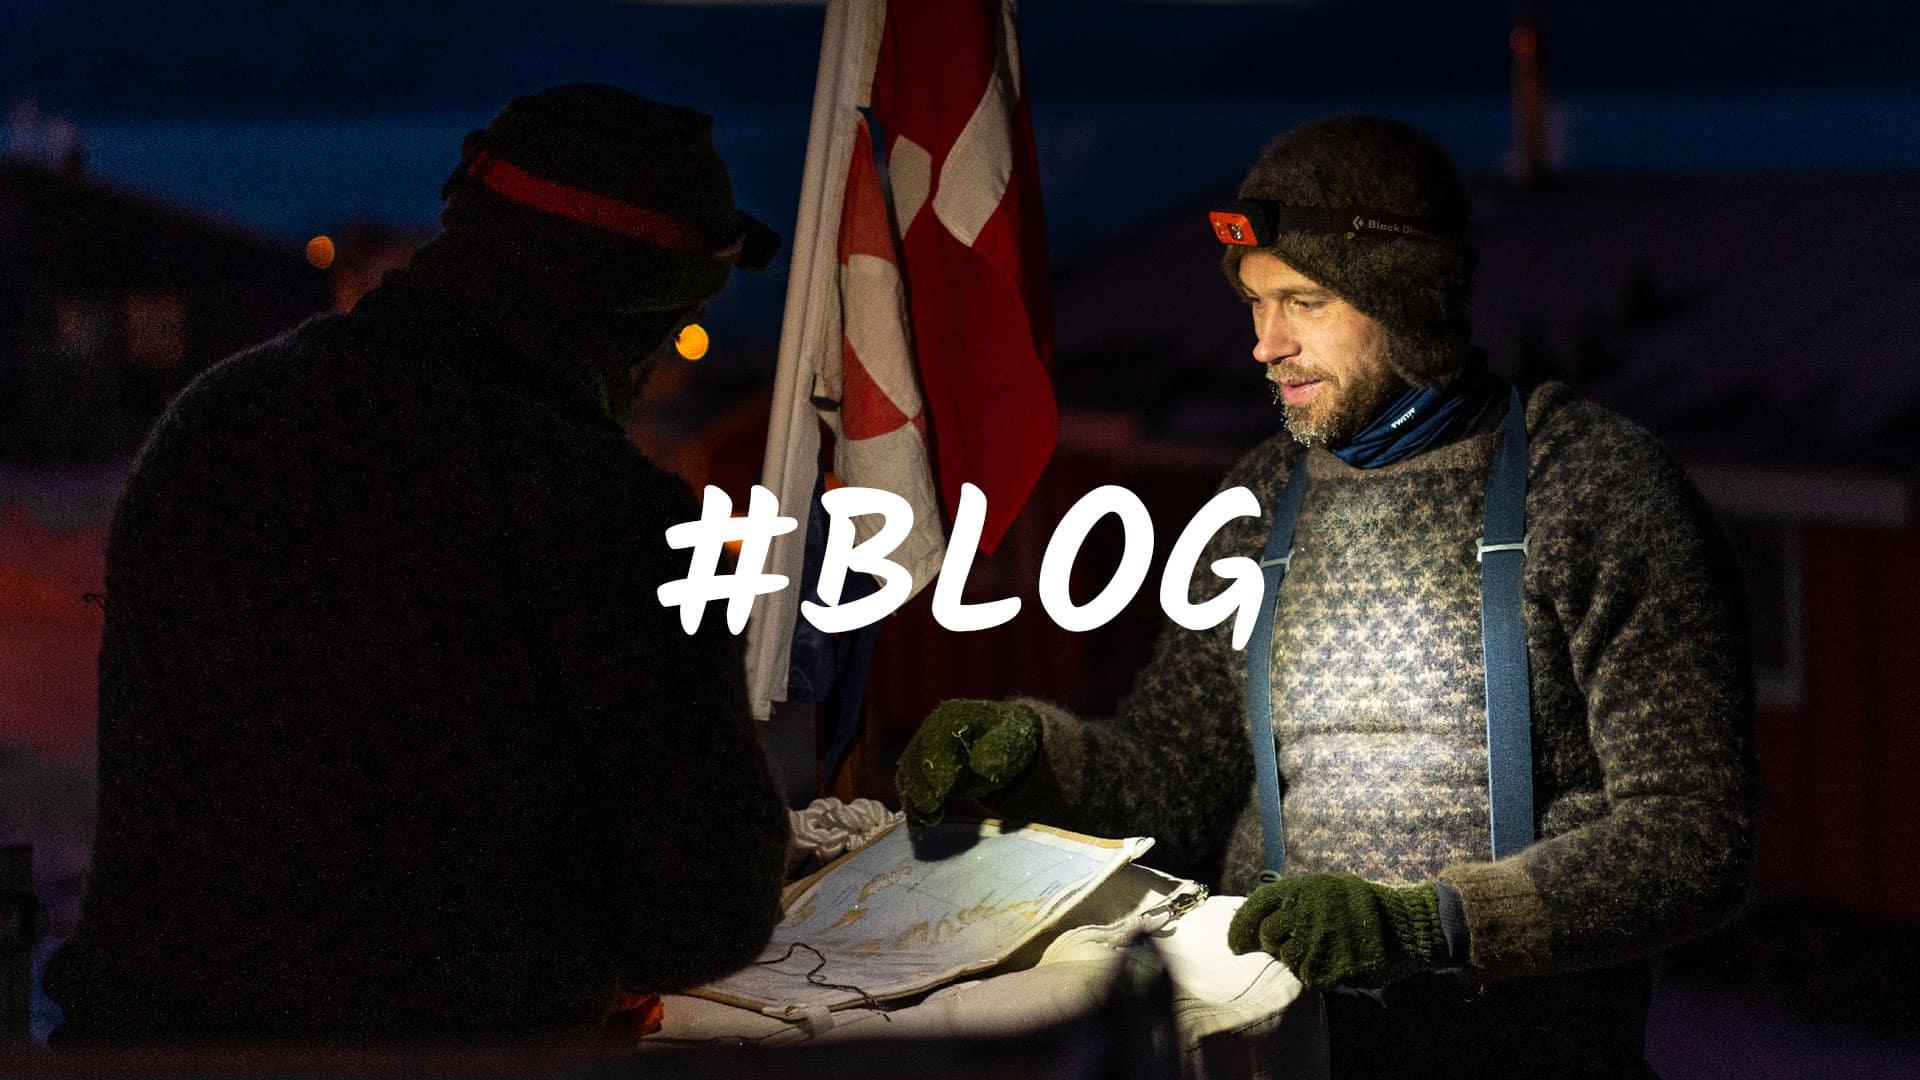 Blog om eventyr, friluftsliv, outdoor, grej og udstyr, af Erik B. Jørgensen